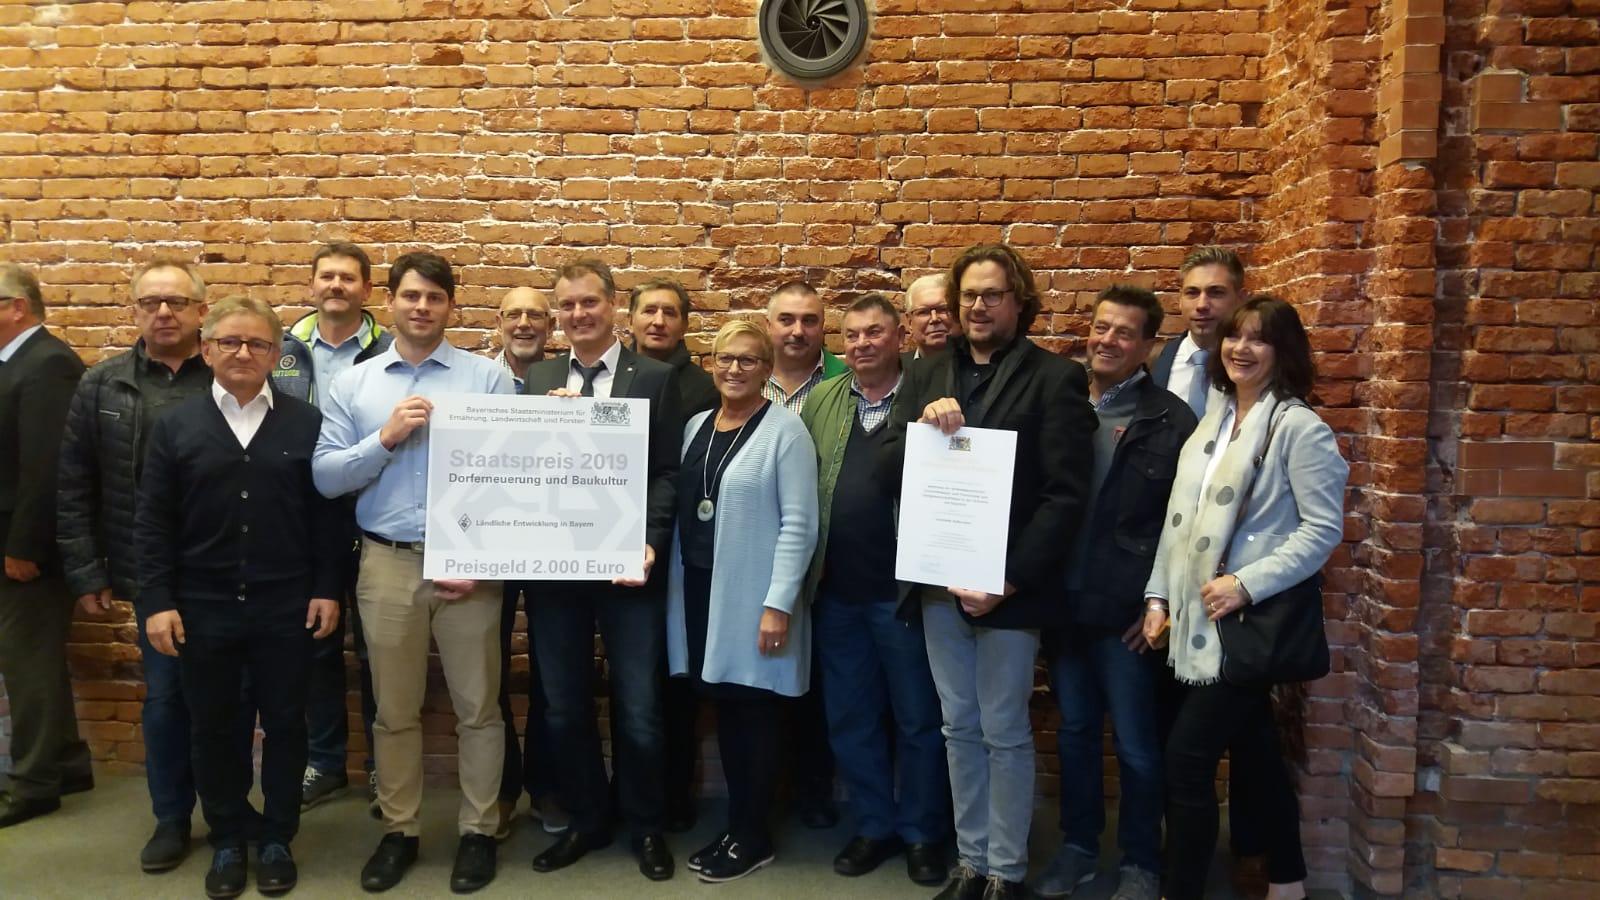 Staatspreis für die Sanierung des Pautzfelder Gemeindehauses erhalten